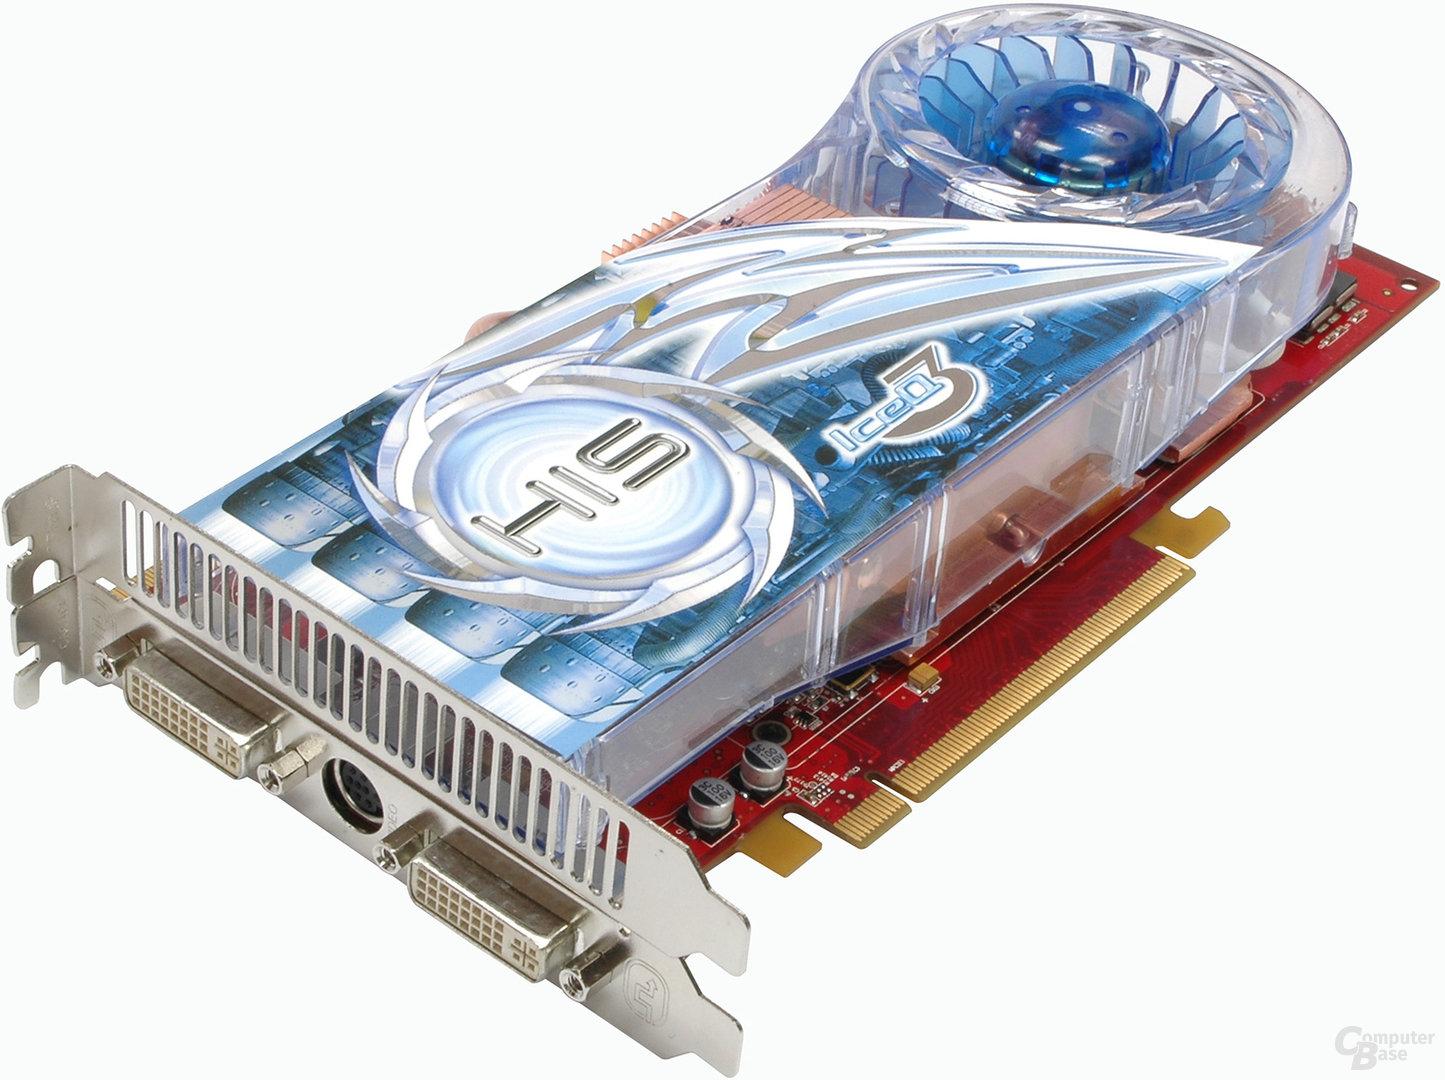 HIS Radeon X1950 Pro IceQ3